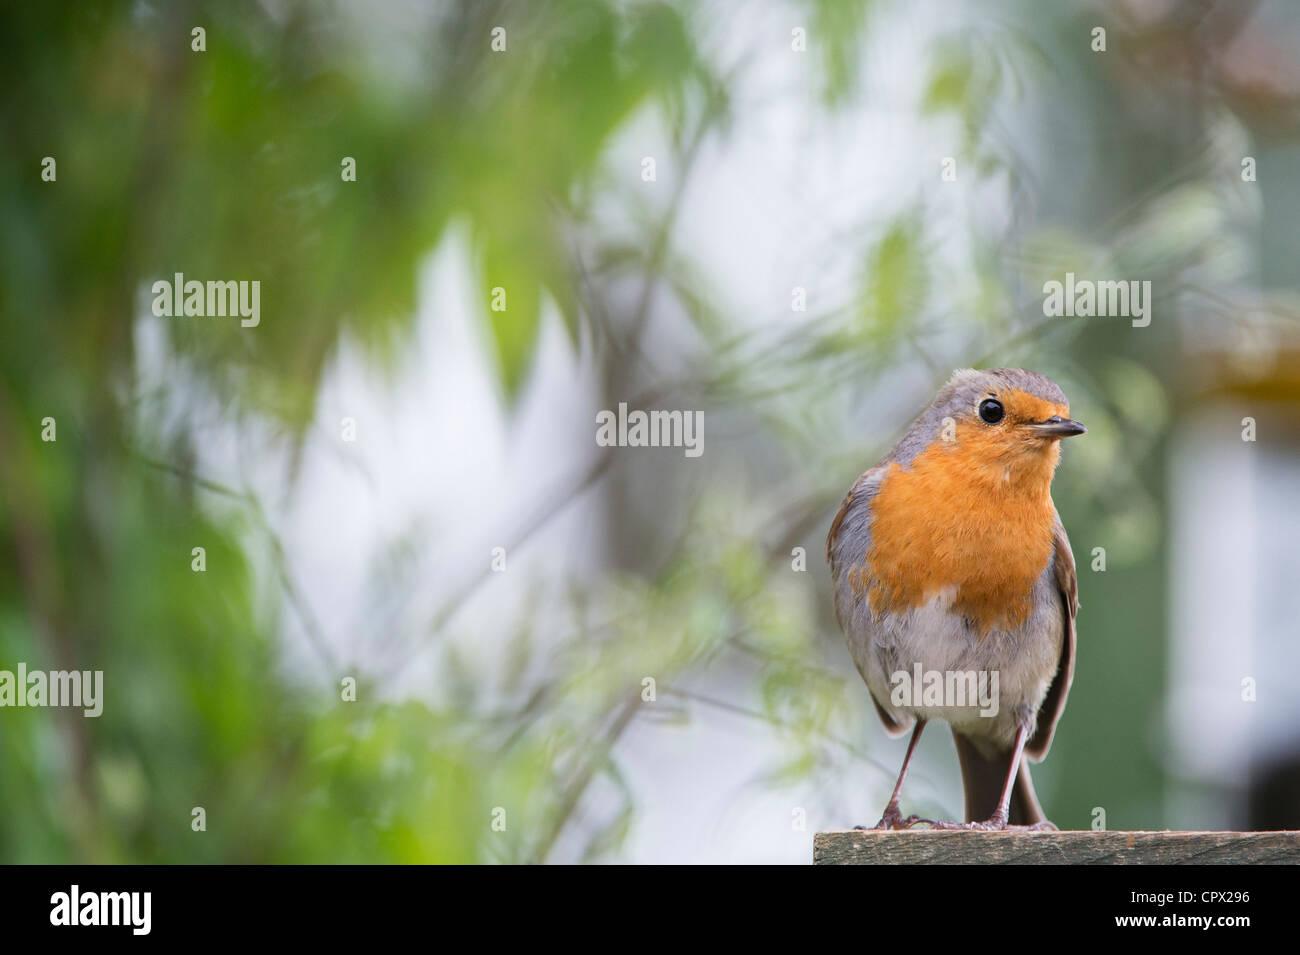 Robin perched on a garden trellis in an english garden - Stock Image